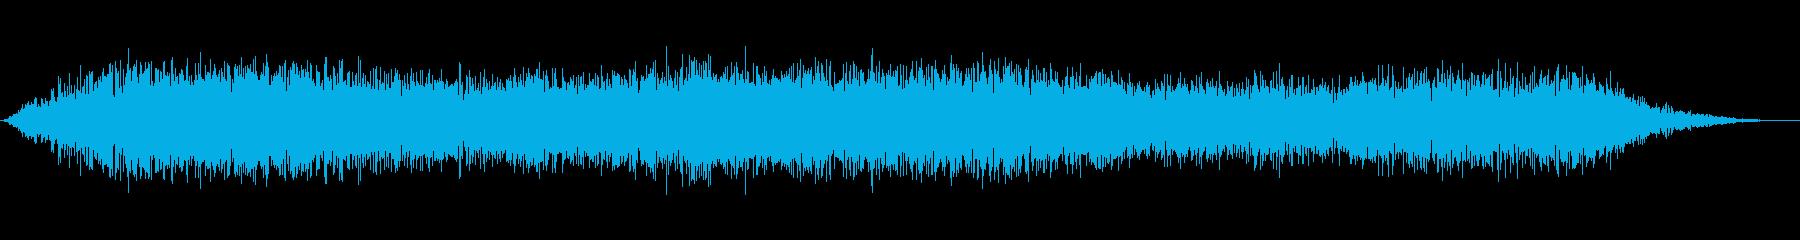 ダークディスタント・グラミングの再生済みの波形